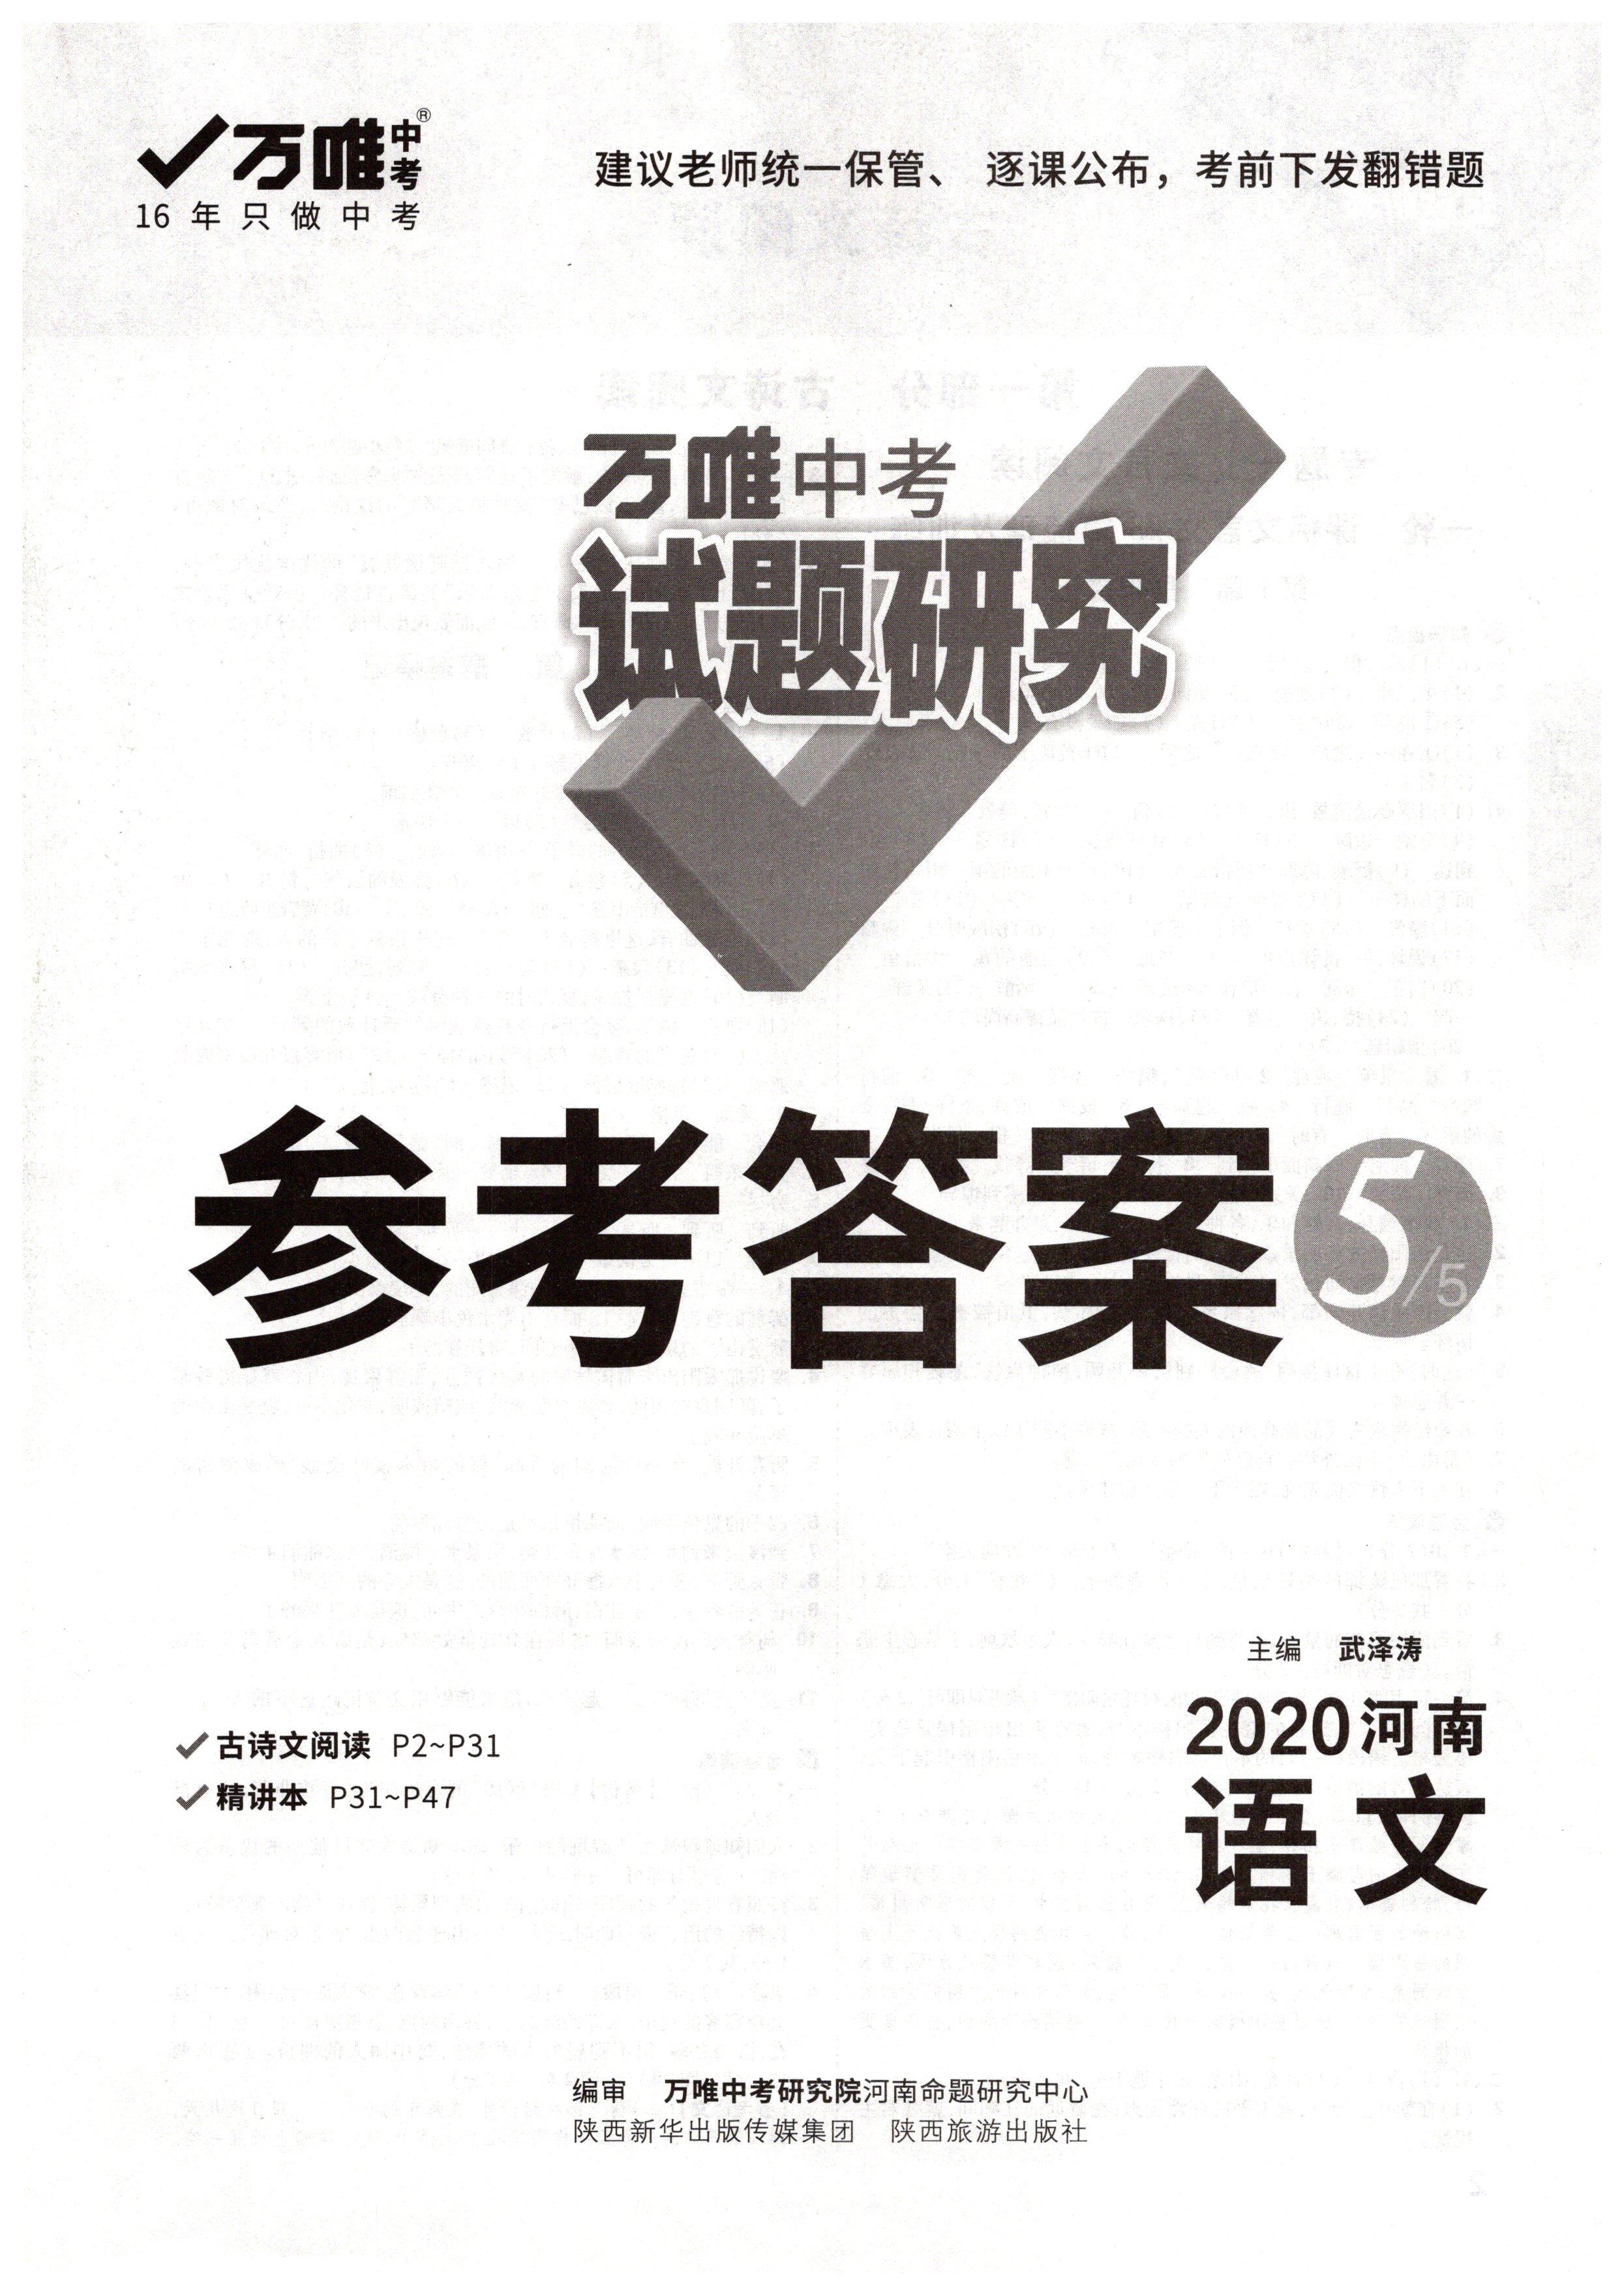 2020年万唯教育中考试题研究九年级语文河南专版第1页